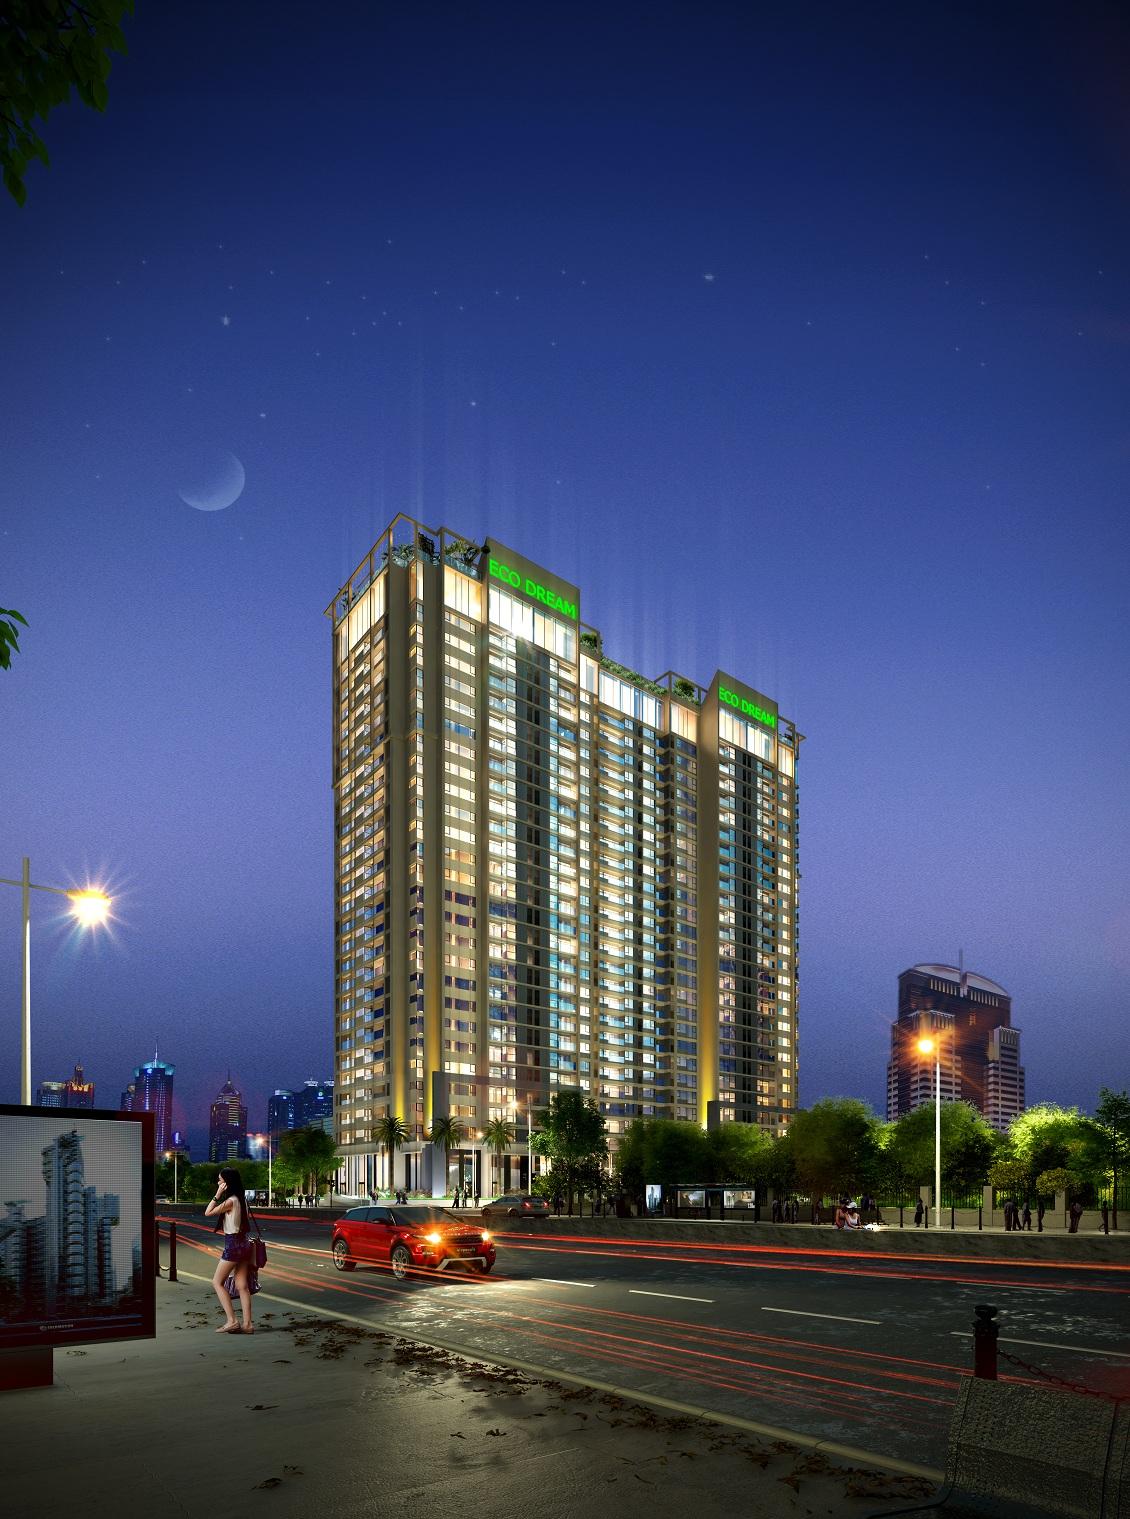 Phối cảnh về đêm chung cư Eco Dream City